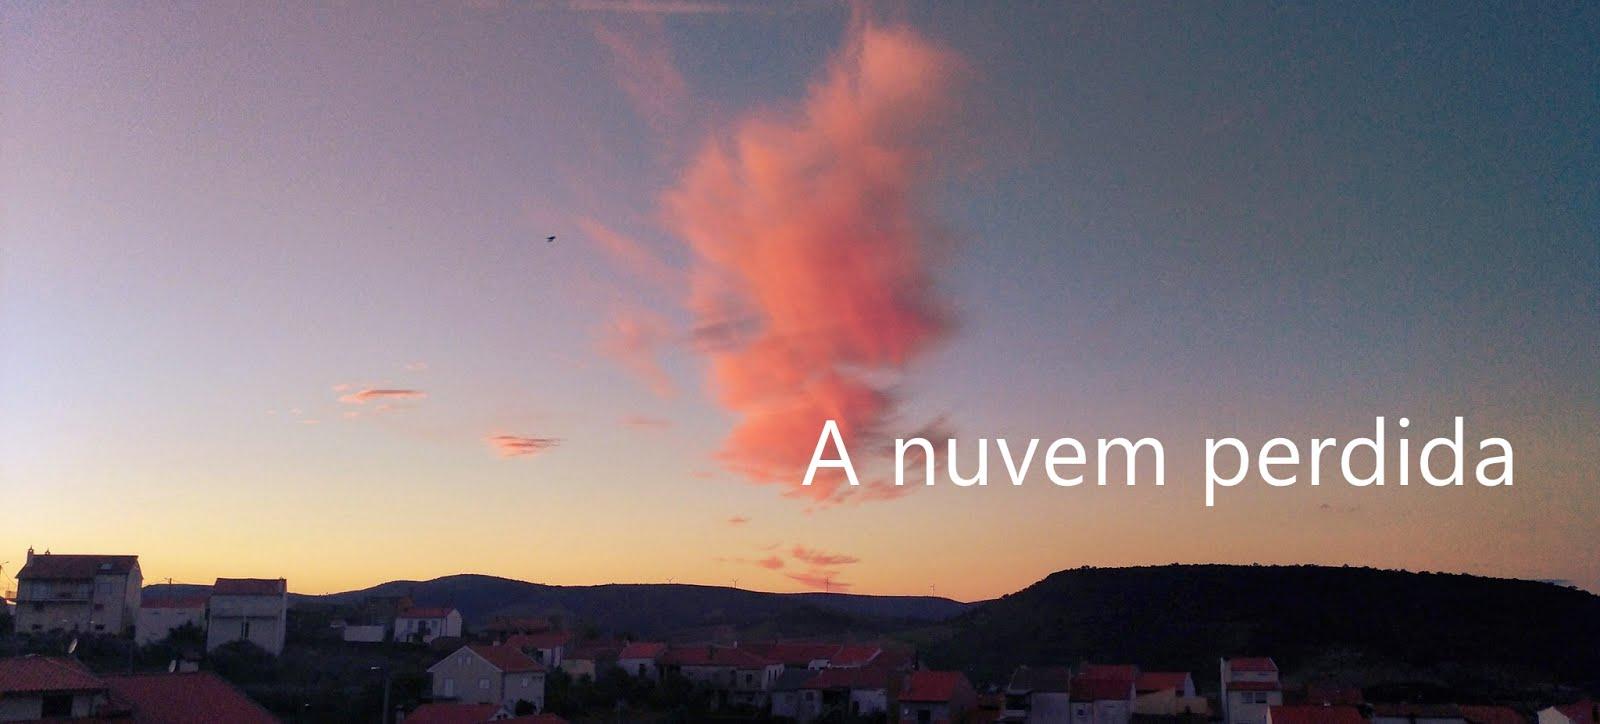 A nuvem perdida